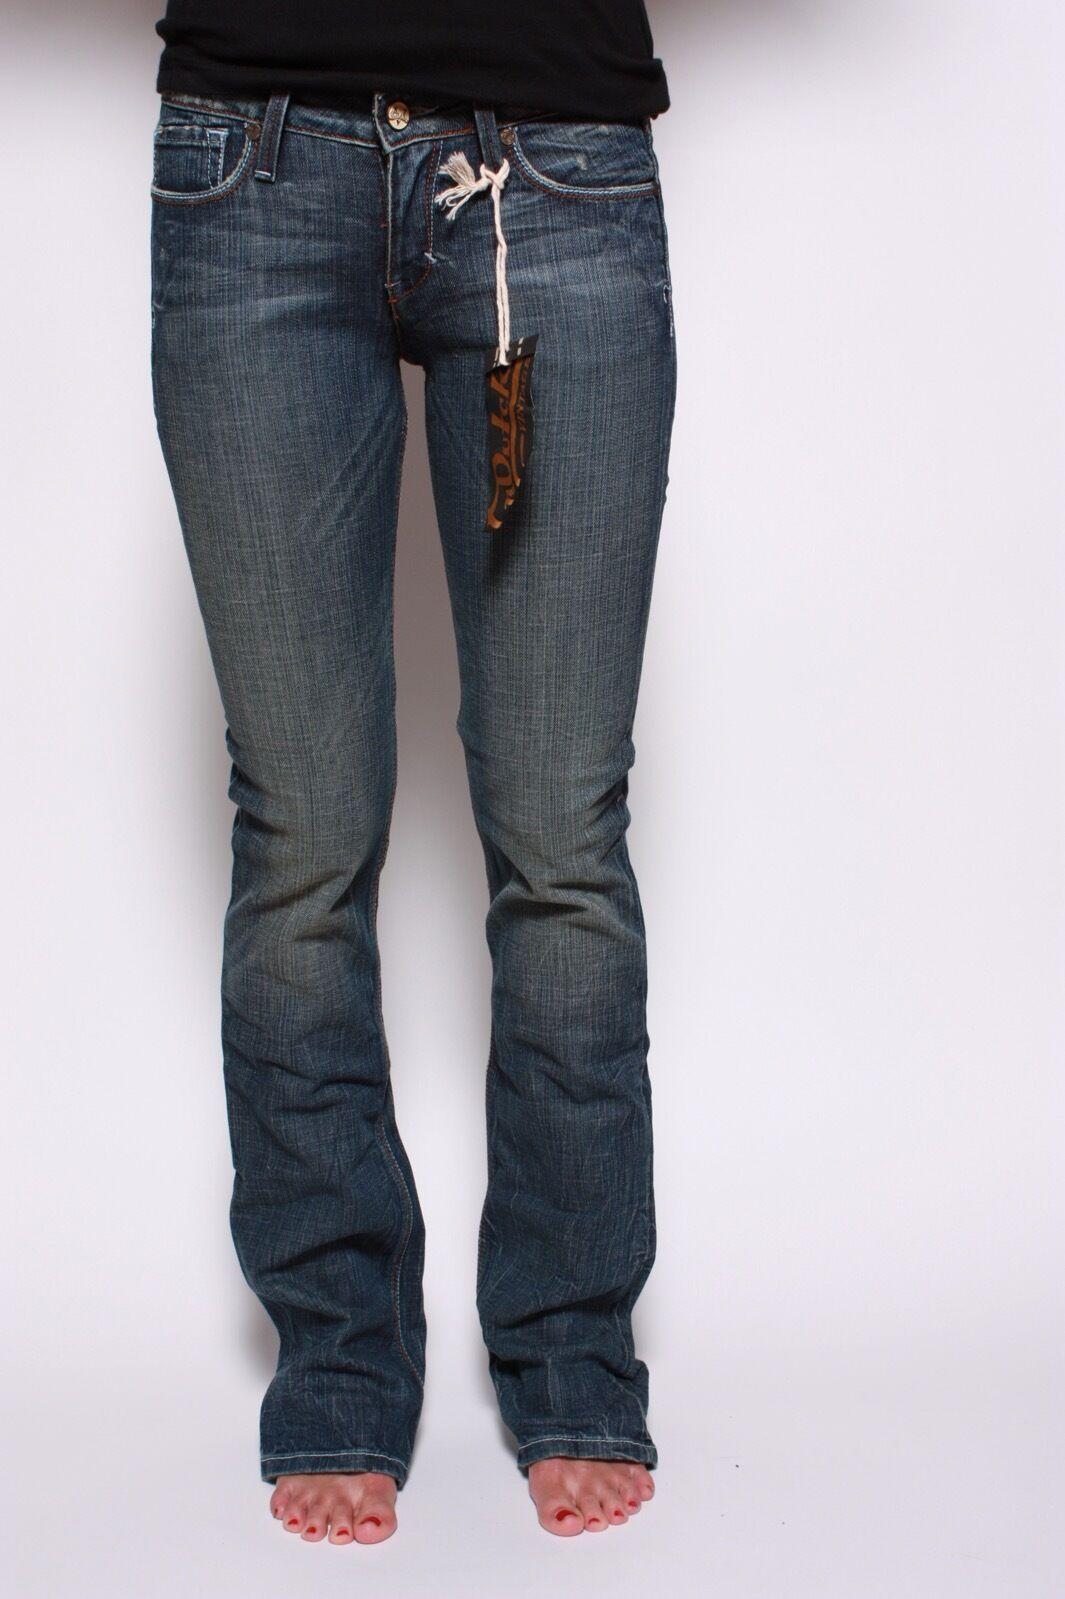 Von Dutch Skinny Jeans size 25 NWT